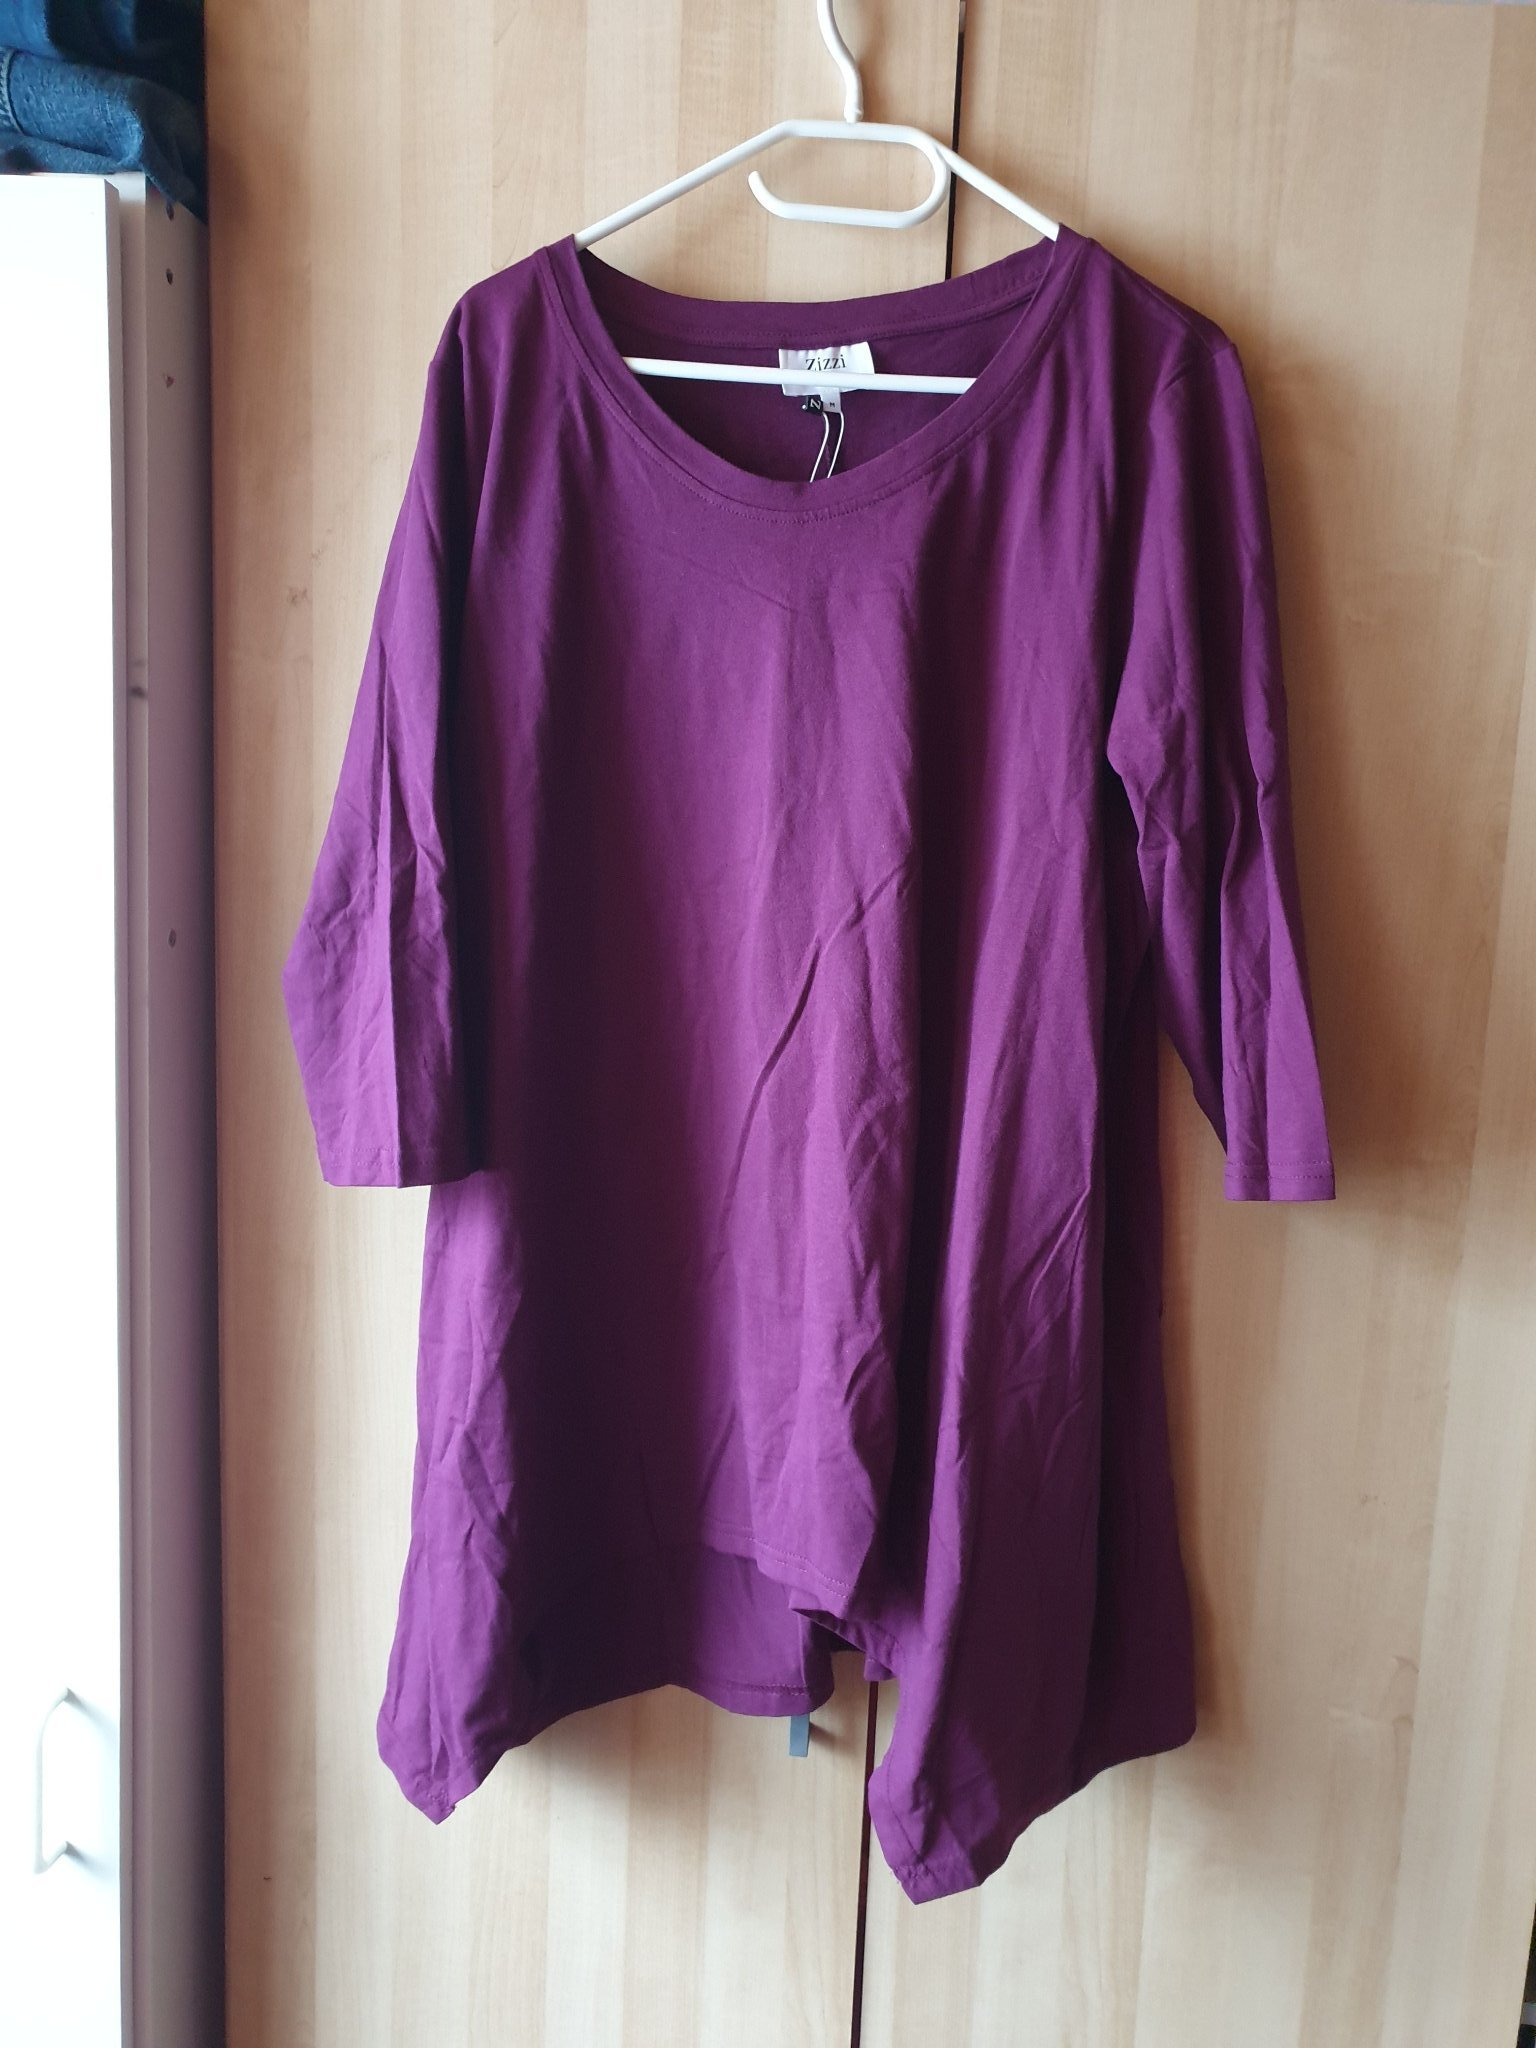 cfa0816b0ee1 Ny lila tunika från Zizzi (347280933) ᐈ Köp på Tradera